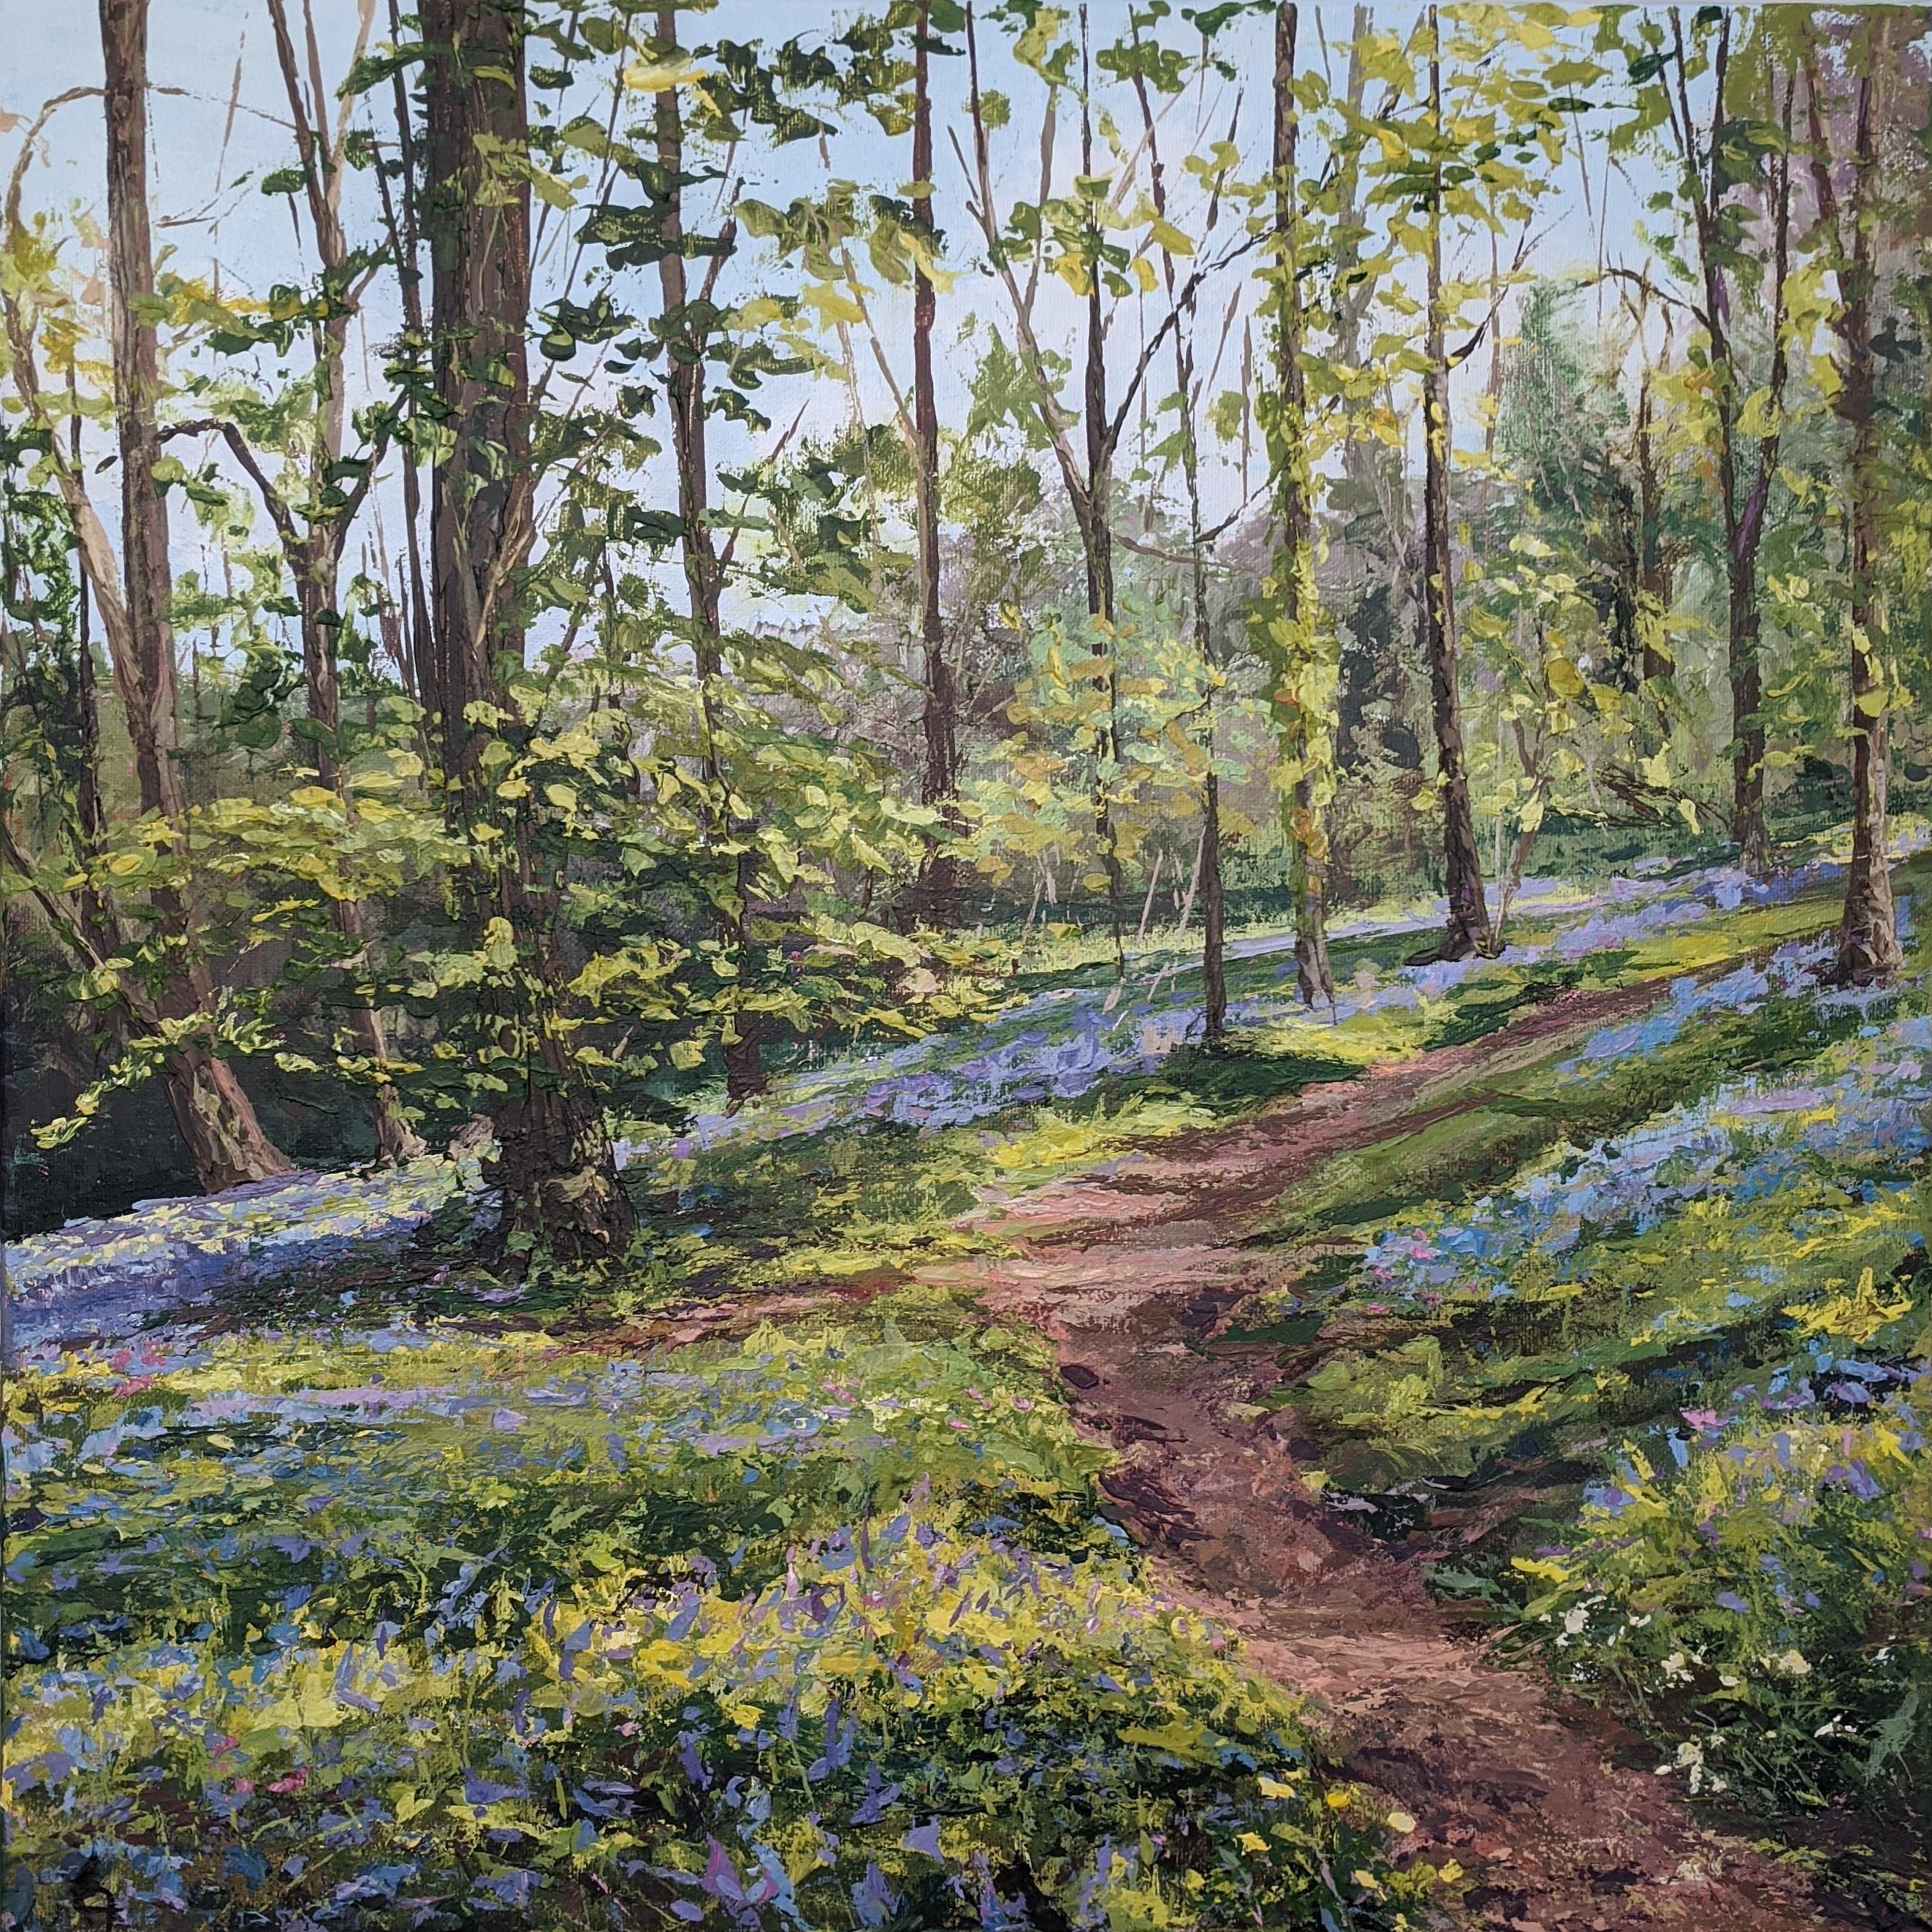 Bluebells - Forgotten Garden Lewtrenchard